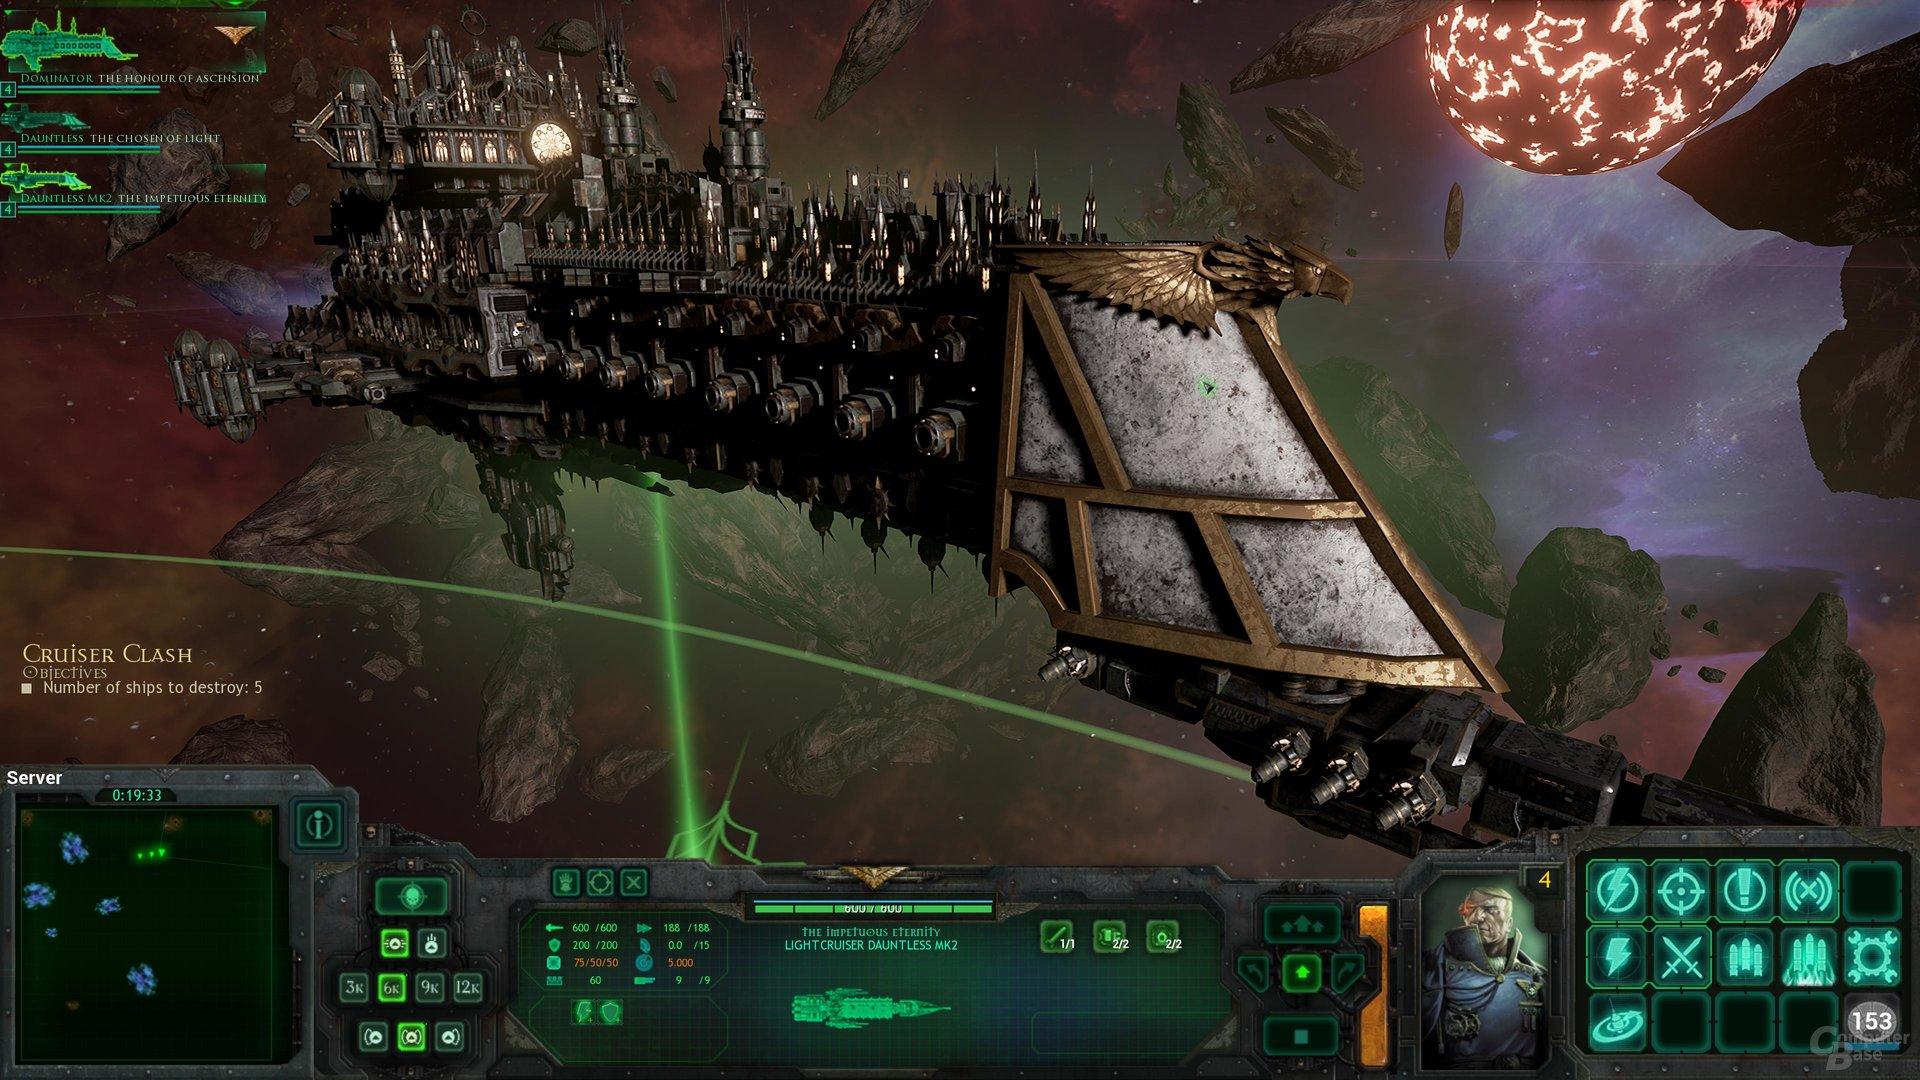 Die Schiffe sehen auch aus der Nähe prächtig aus